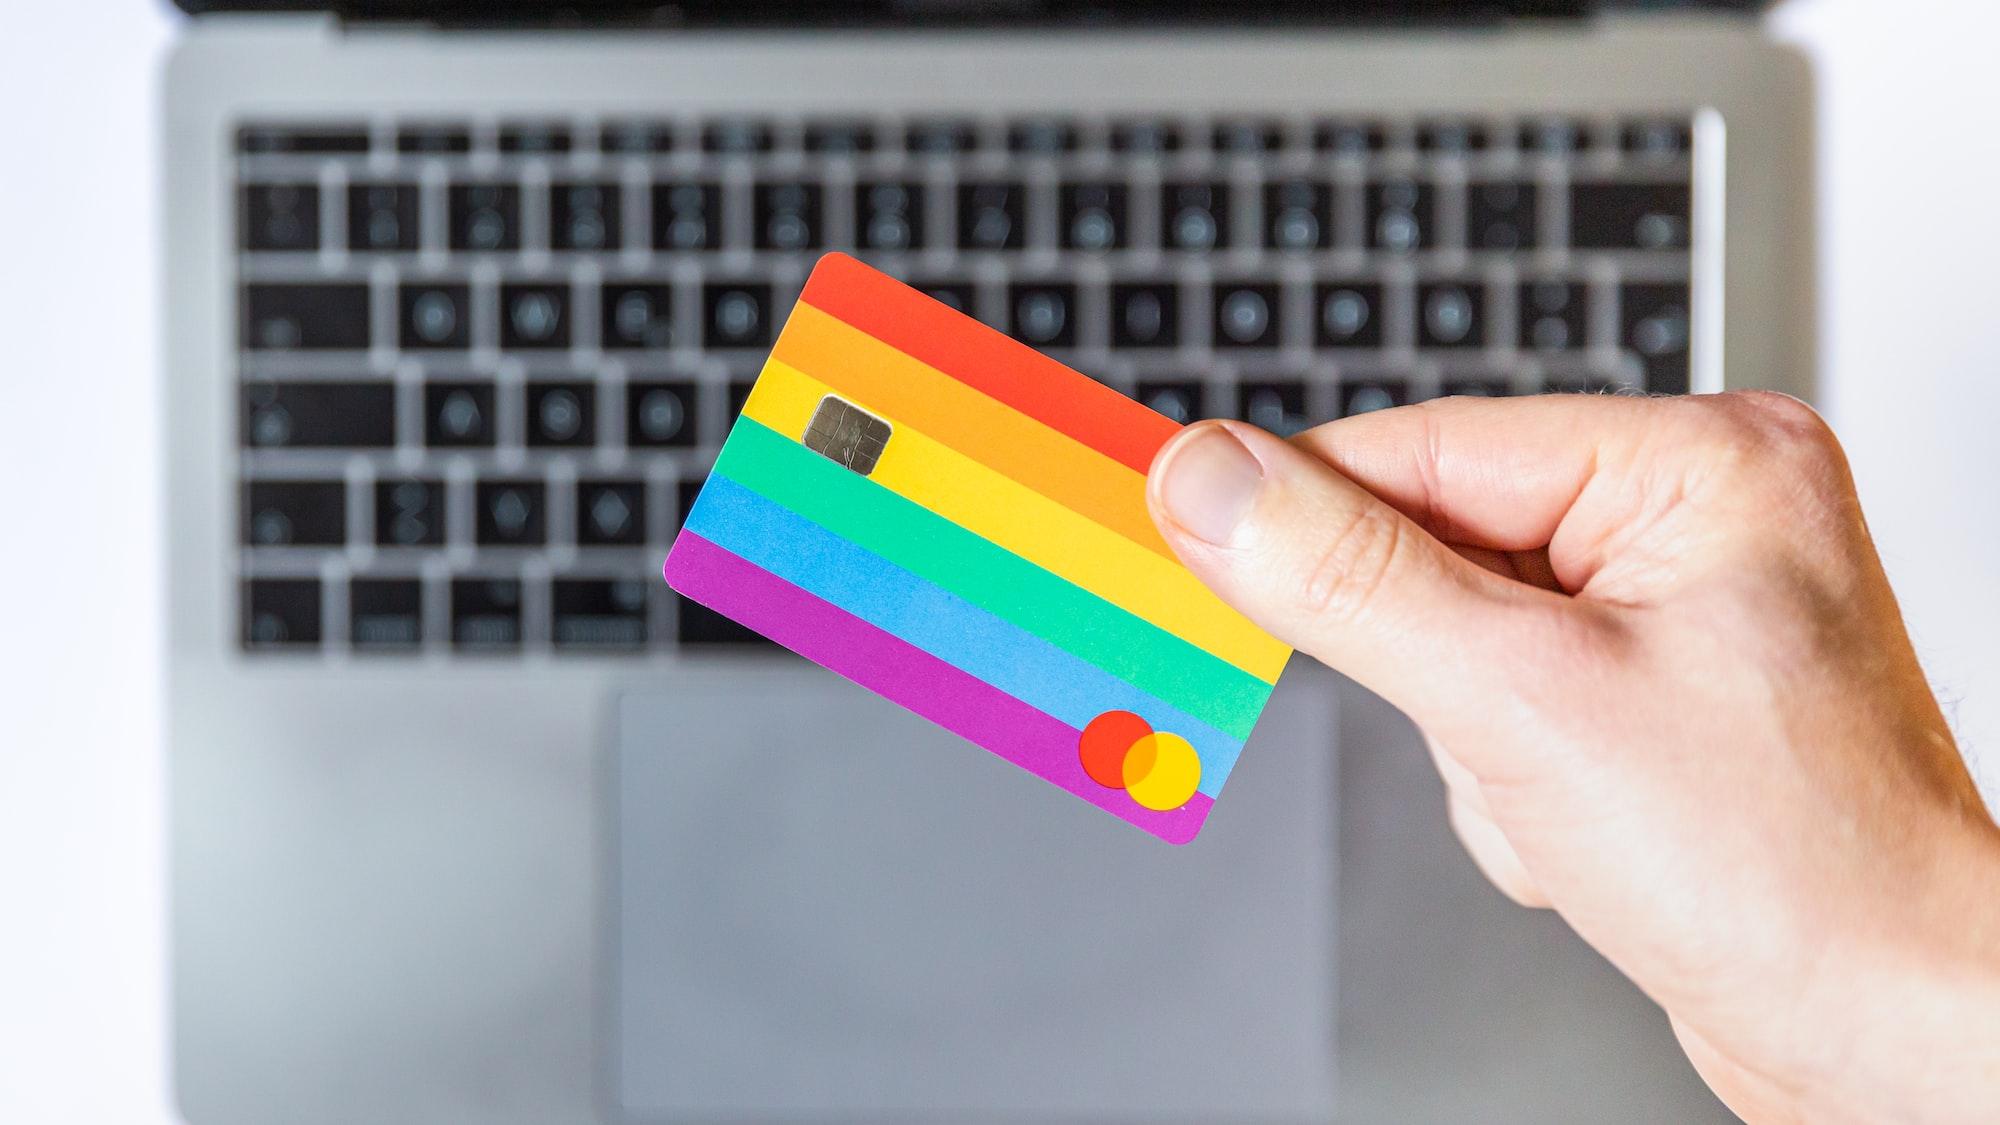 ปีนี้มาแน่! การชำระเงินด้วย Cryptocurrency โดยตรงบน Mastercard